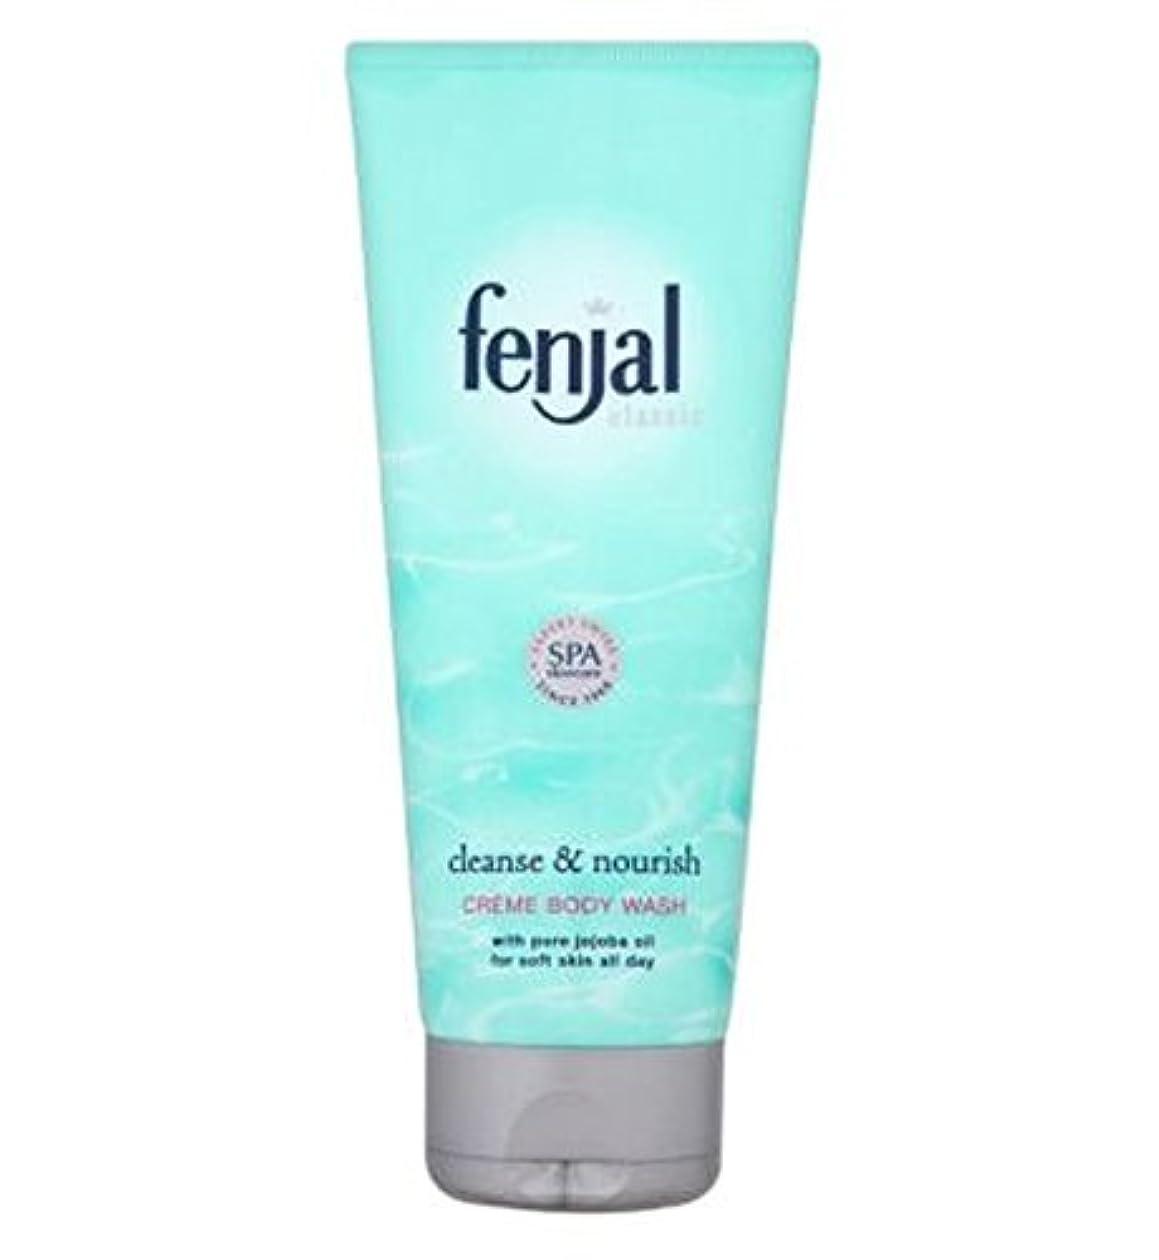 コイル征服矢印Fenjal古典的な高級クリームオイルボディウォッシュ (Fenjal) (x2) - Fenjal Classic Luxury Creme Oil Body Wash (Pack of 2) [並行輸入品]